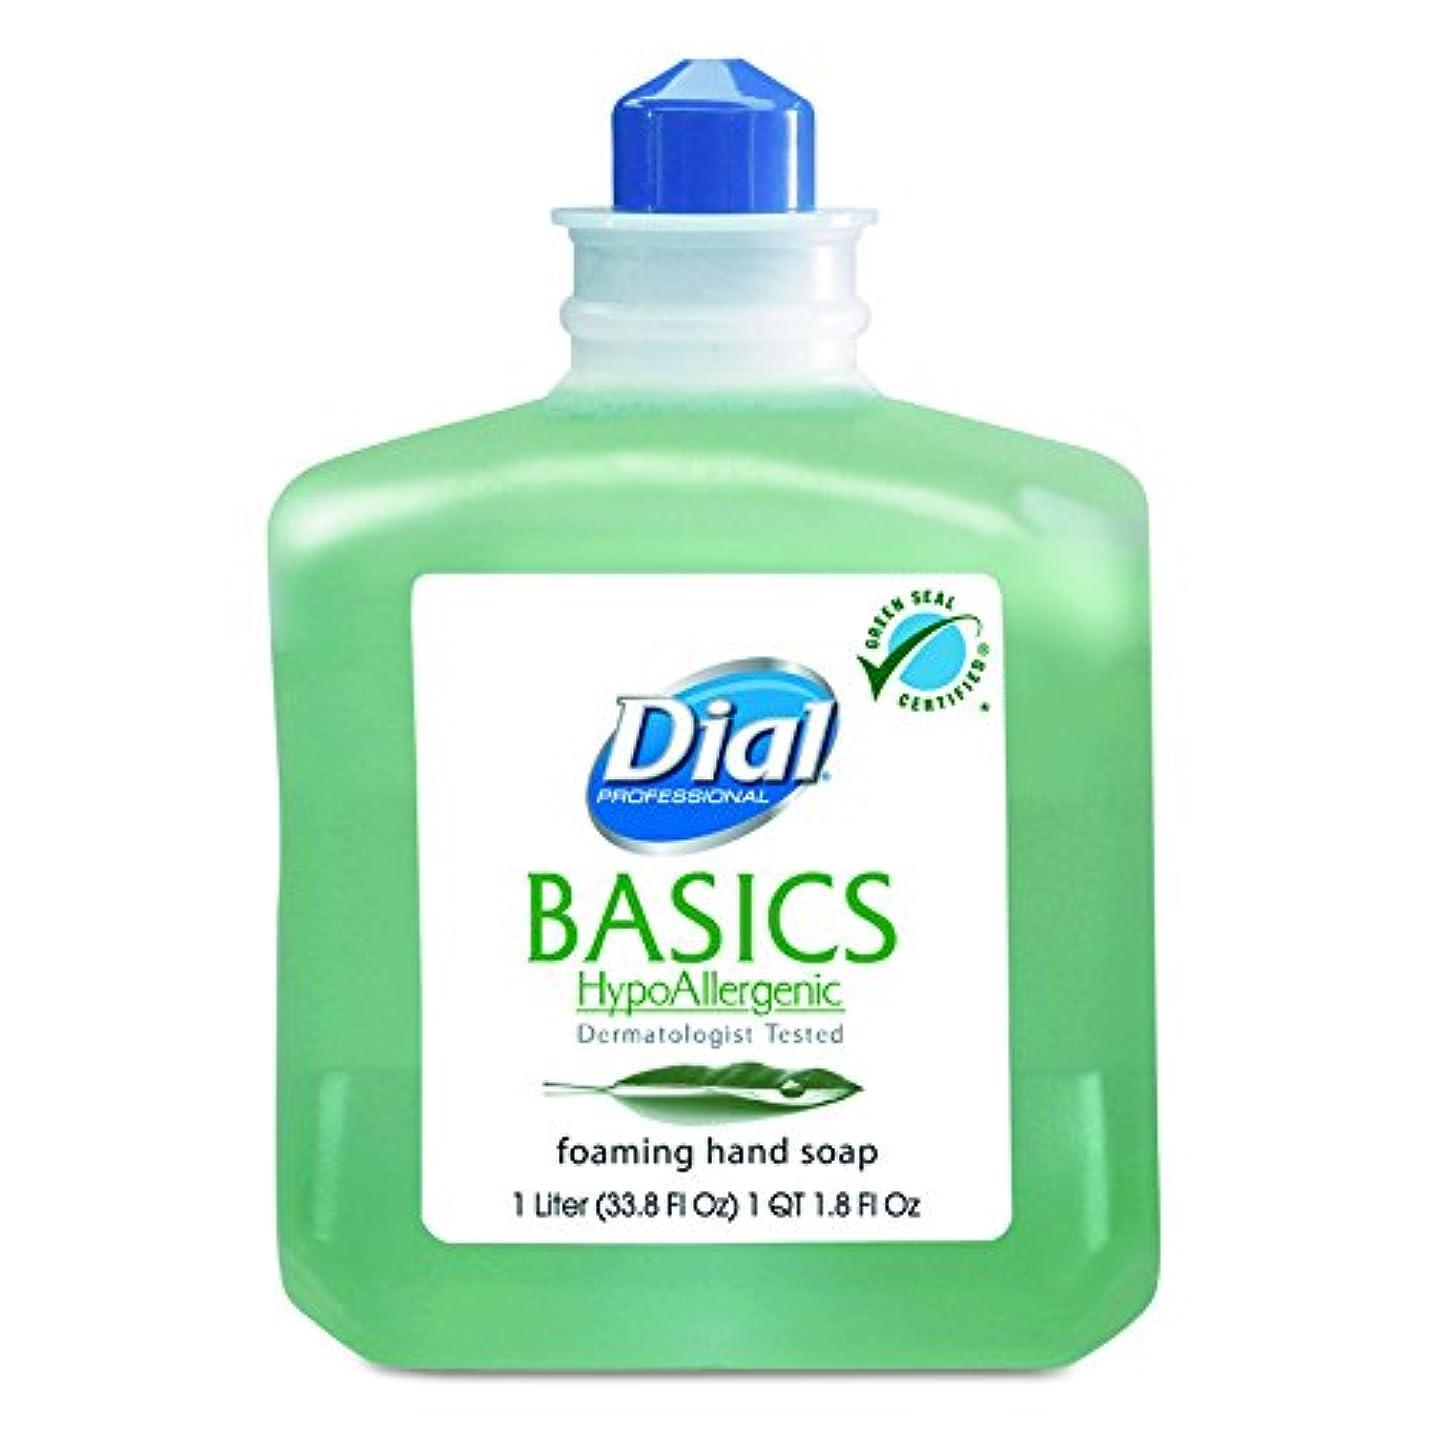 文明化欠乏後退するBasics Foaming Hand Soap Refill, 1000 mL, Honeysuckle (並行輸入品)